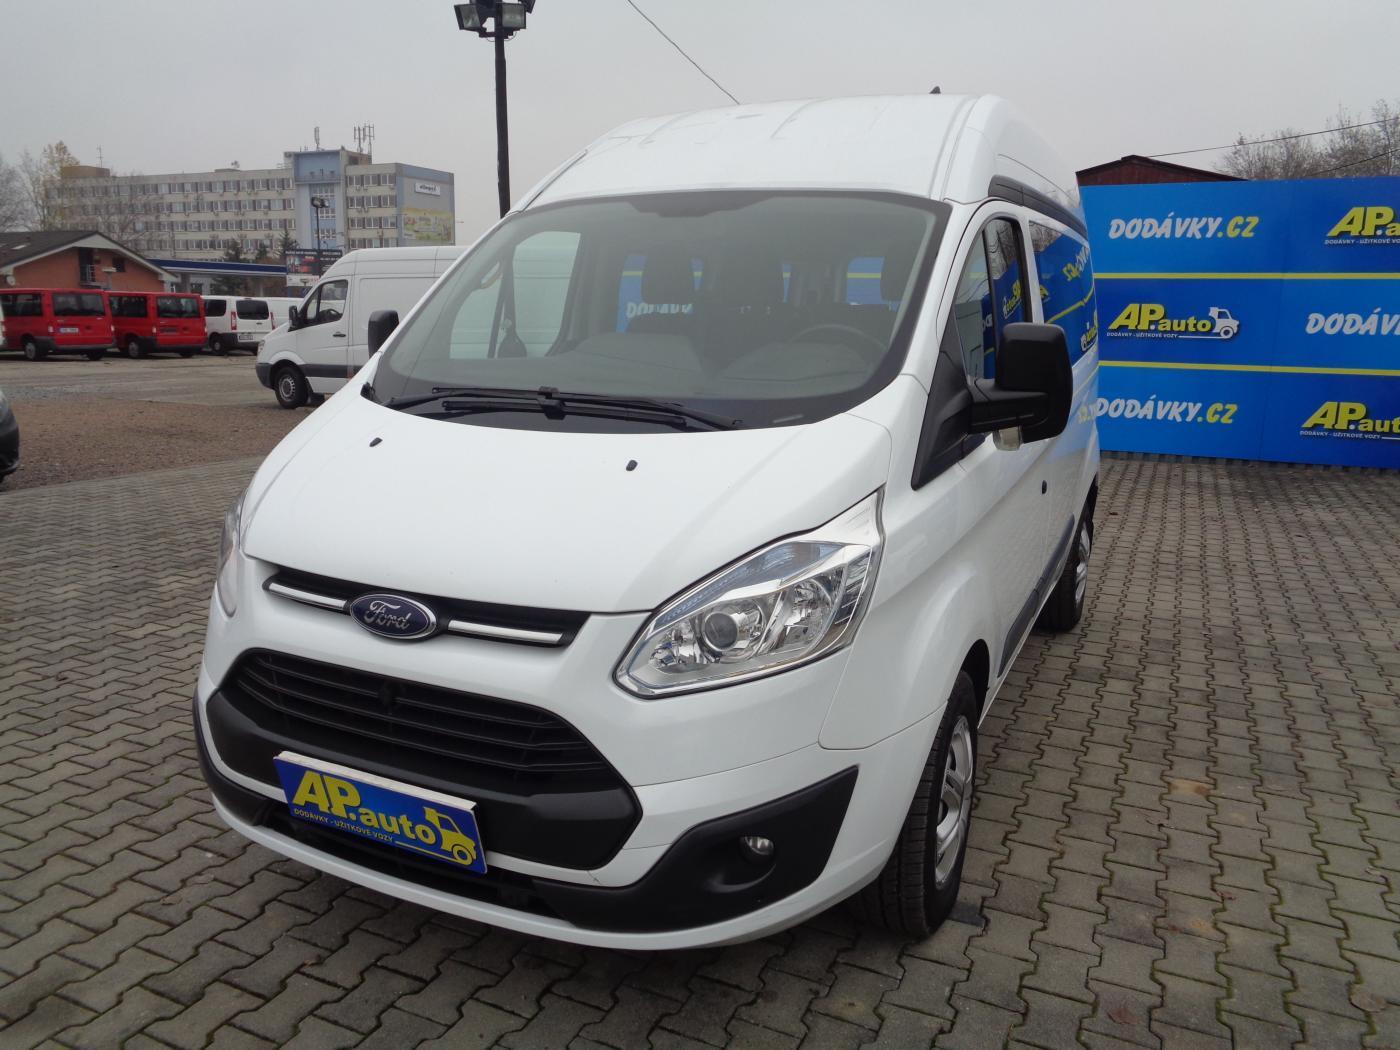 Ford Tourneo Custom L1H2 9MÍST BUS 2.2TDCI KLIMA SERVIS užitkové